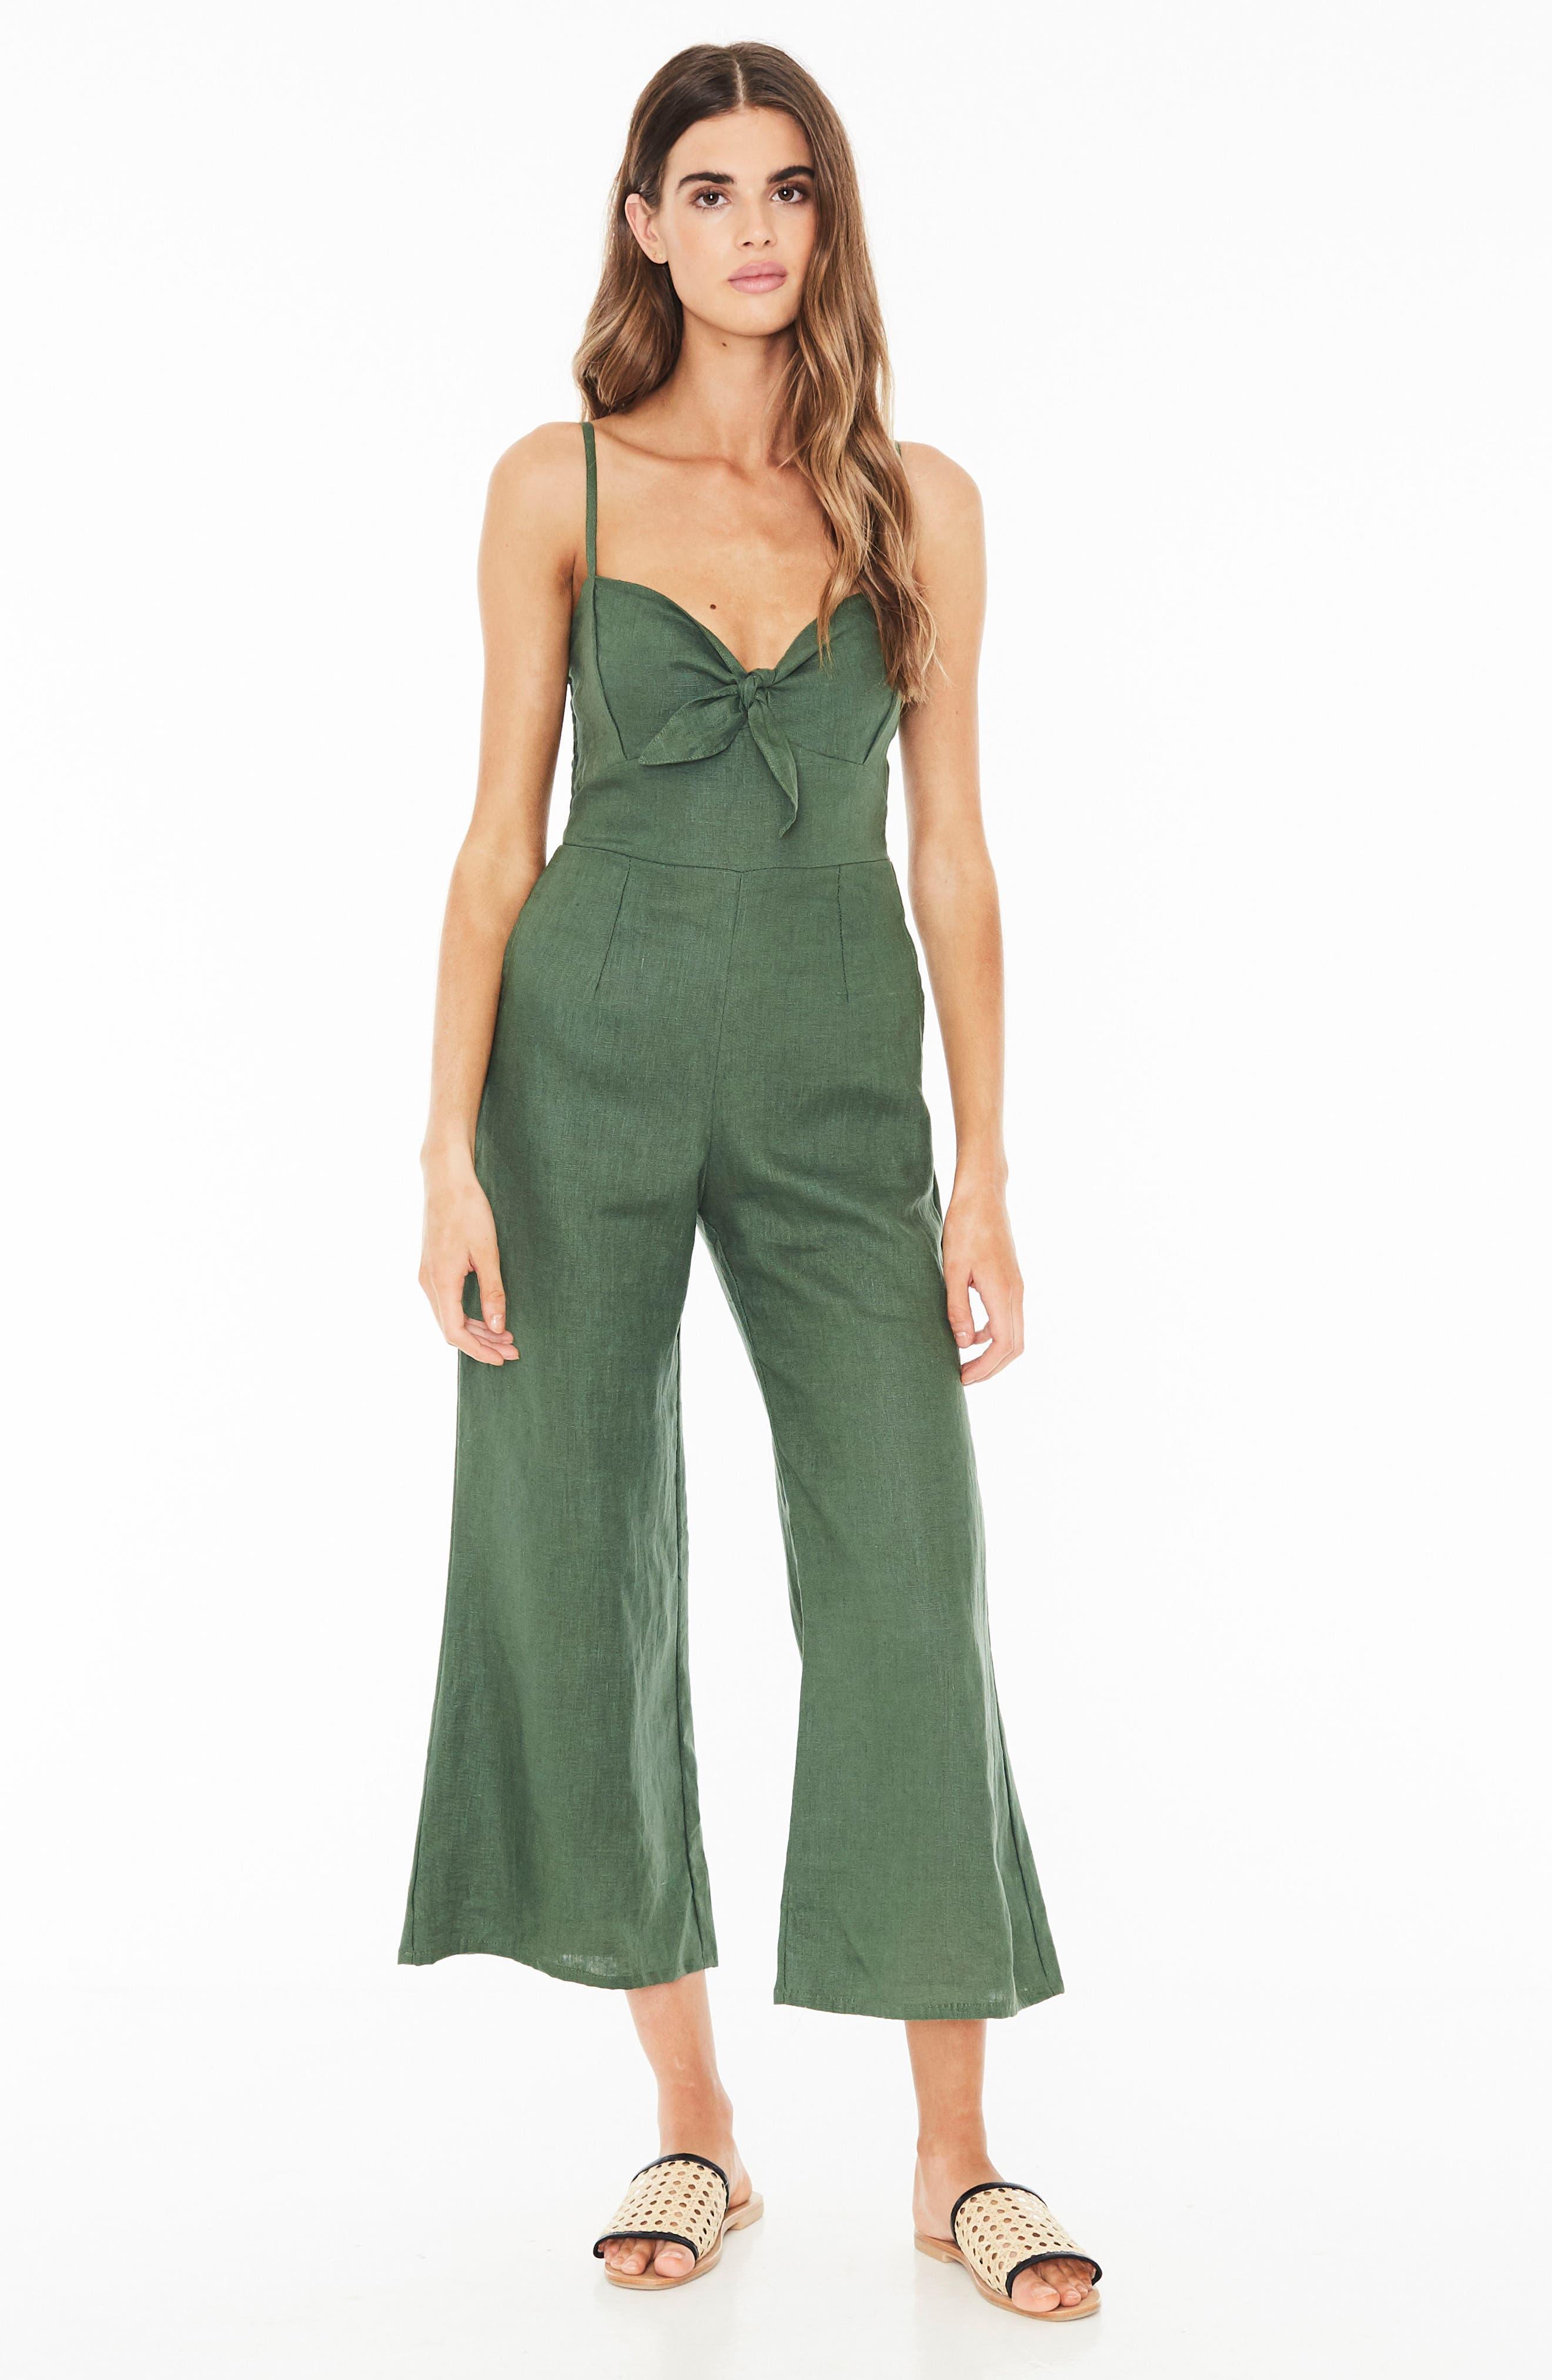 Presley Linen Jumpsuit,                             Alternate thumbnail 5, color,                             PLAIN MOSS GREEN